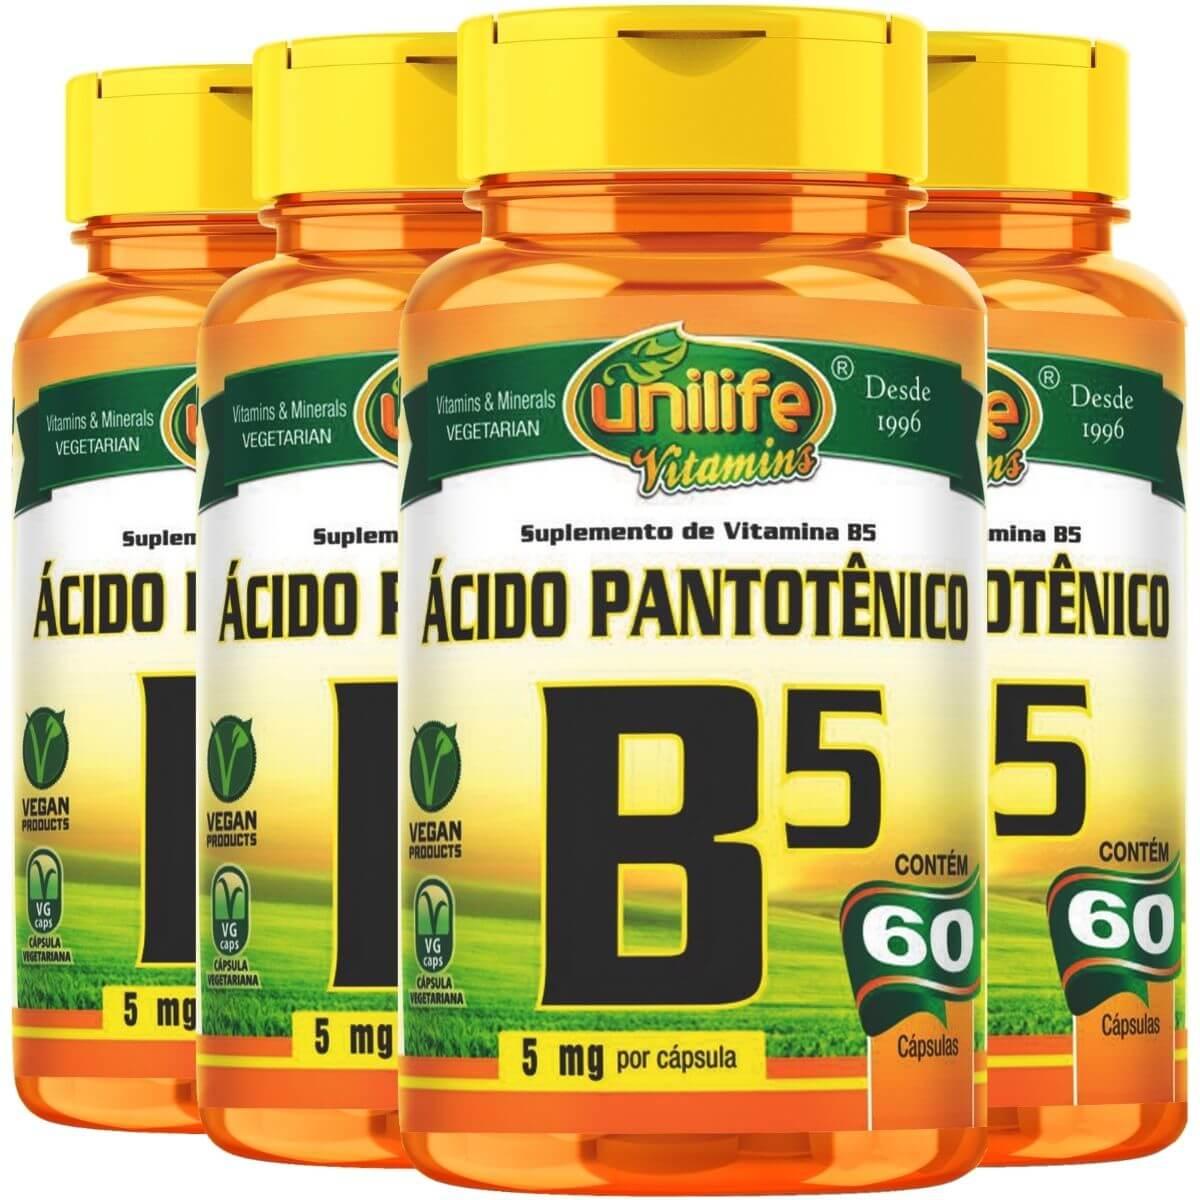 Kit 4 Vitamina B5 Ácido Pantotênico - Unilife 60 Cáps